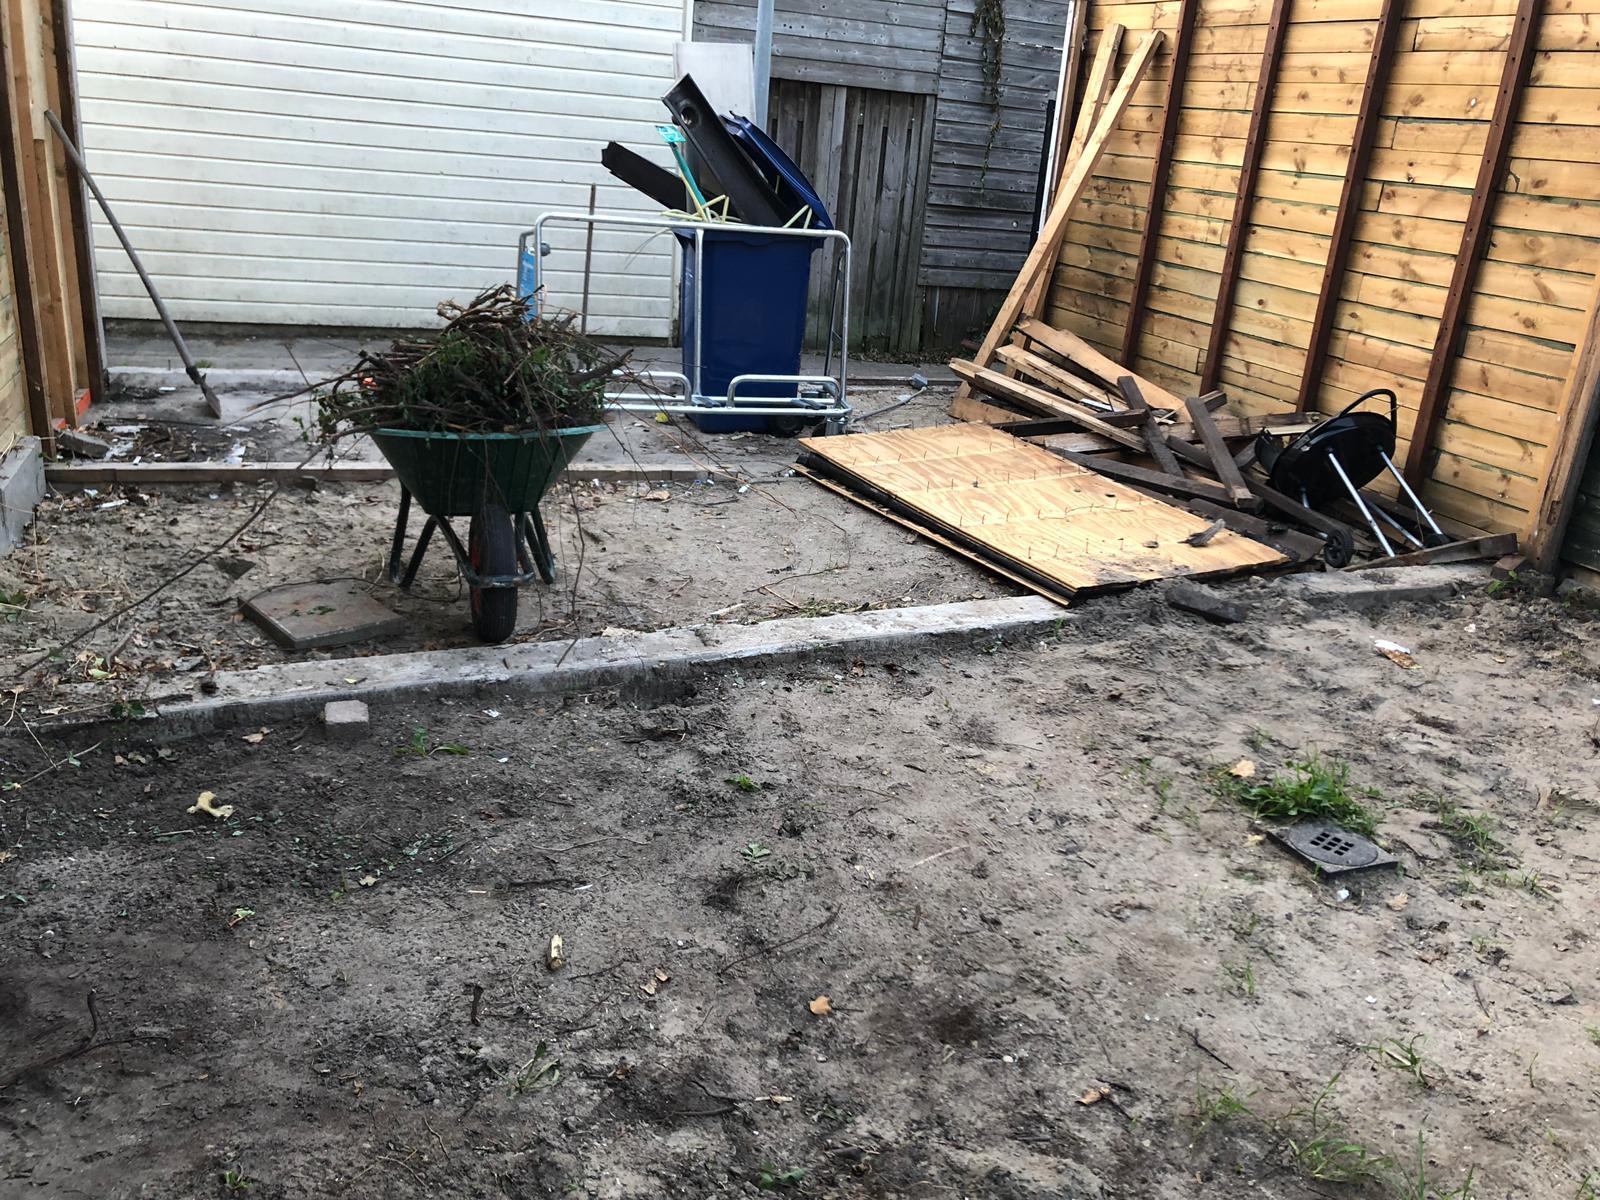 tuin die leeg is voor renovatie